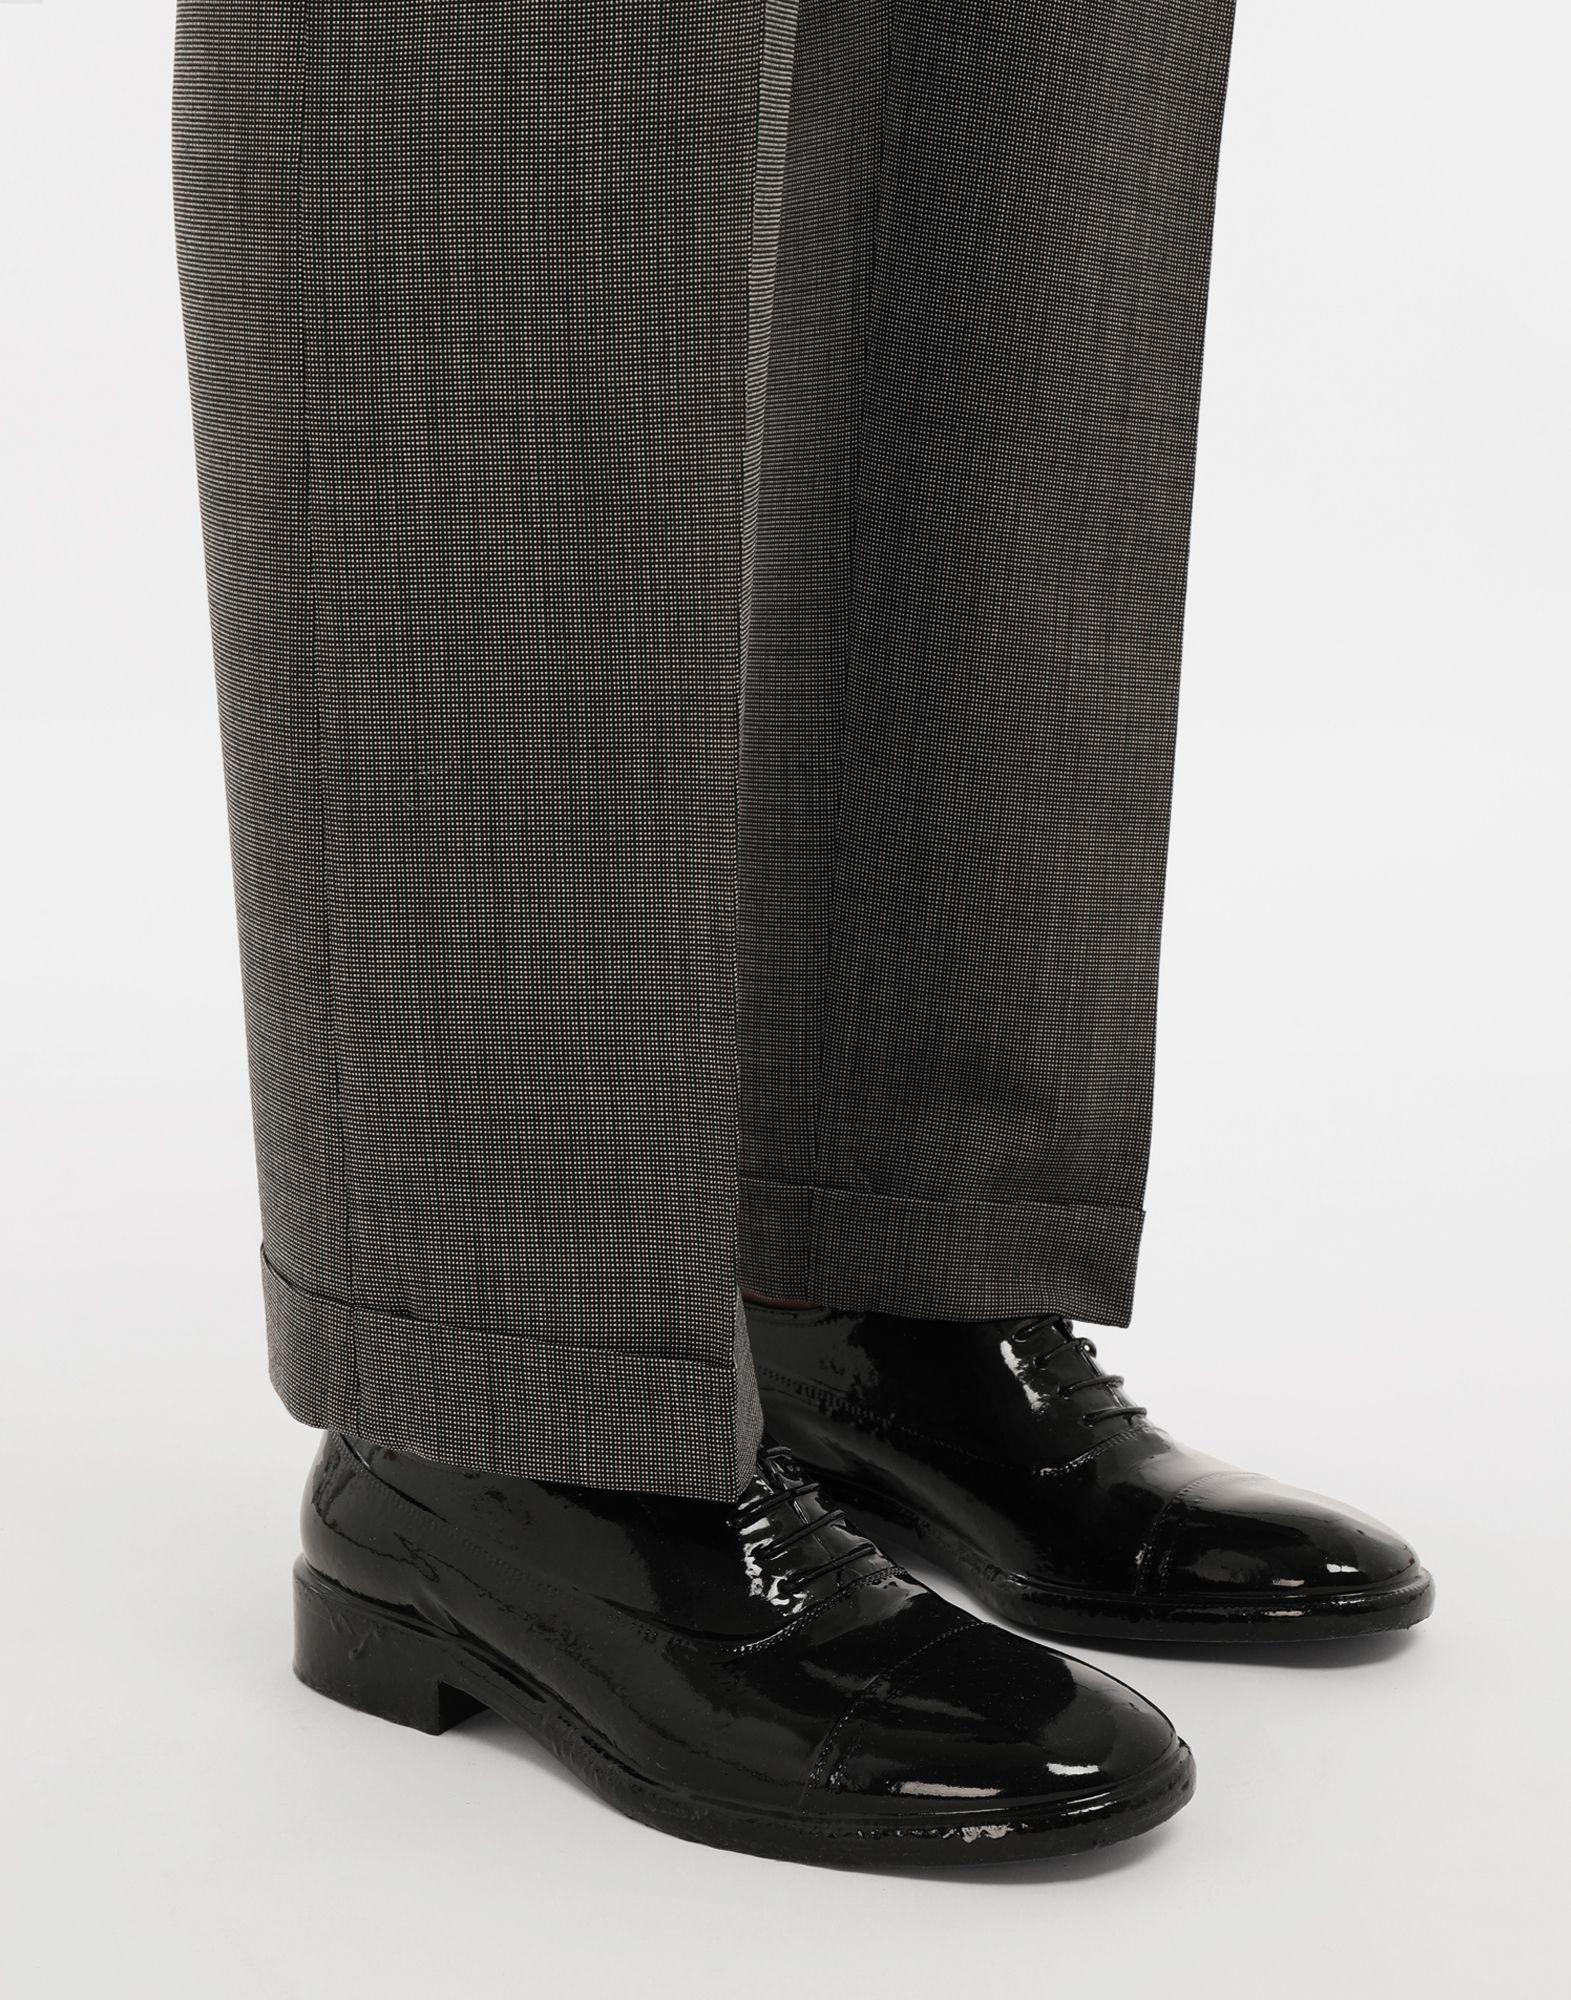 MAISON MARGIELA Plastic Casting Treatment lace-up shoes Laced shoes Man b